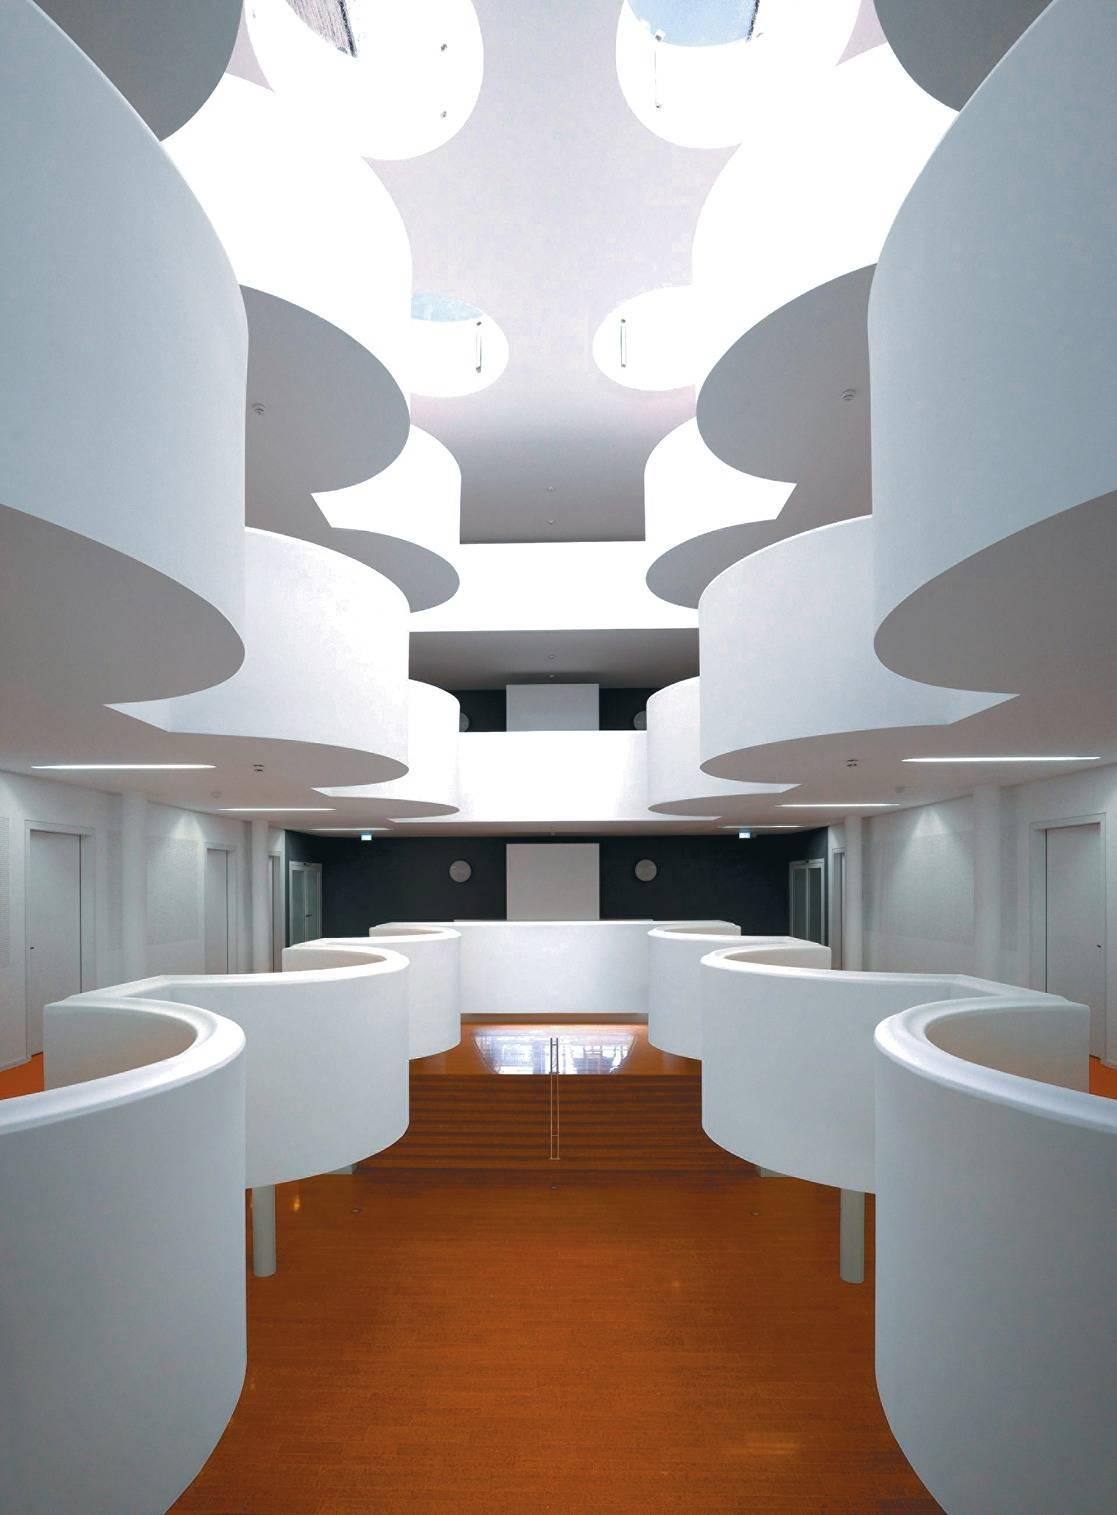 Architekten Heidelberg heidelberger schlossgespräche auch architektur muss sich benehmen